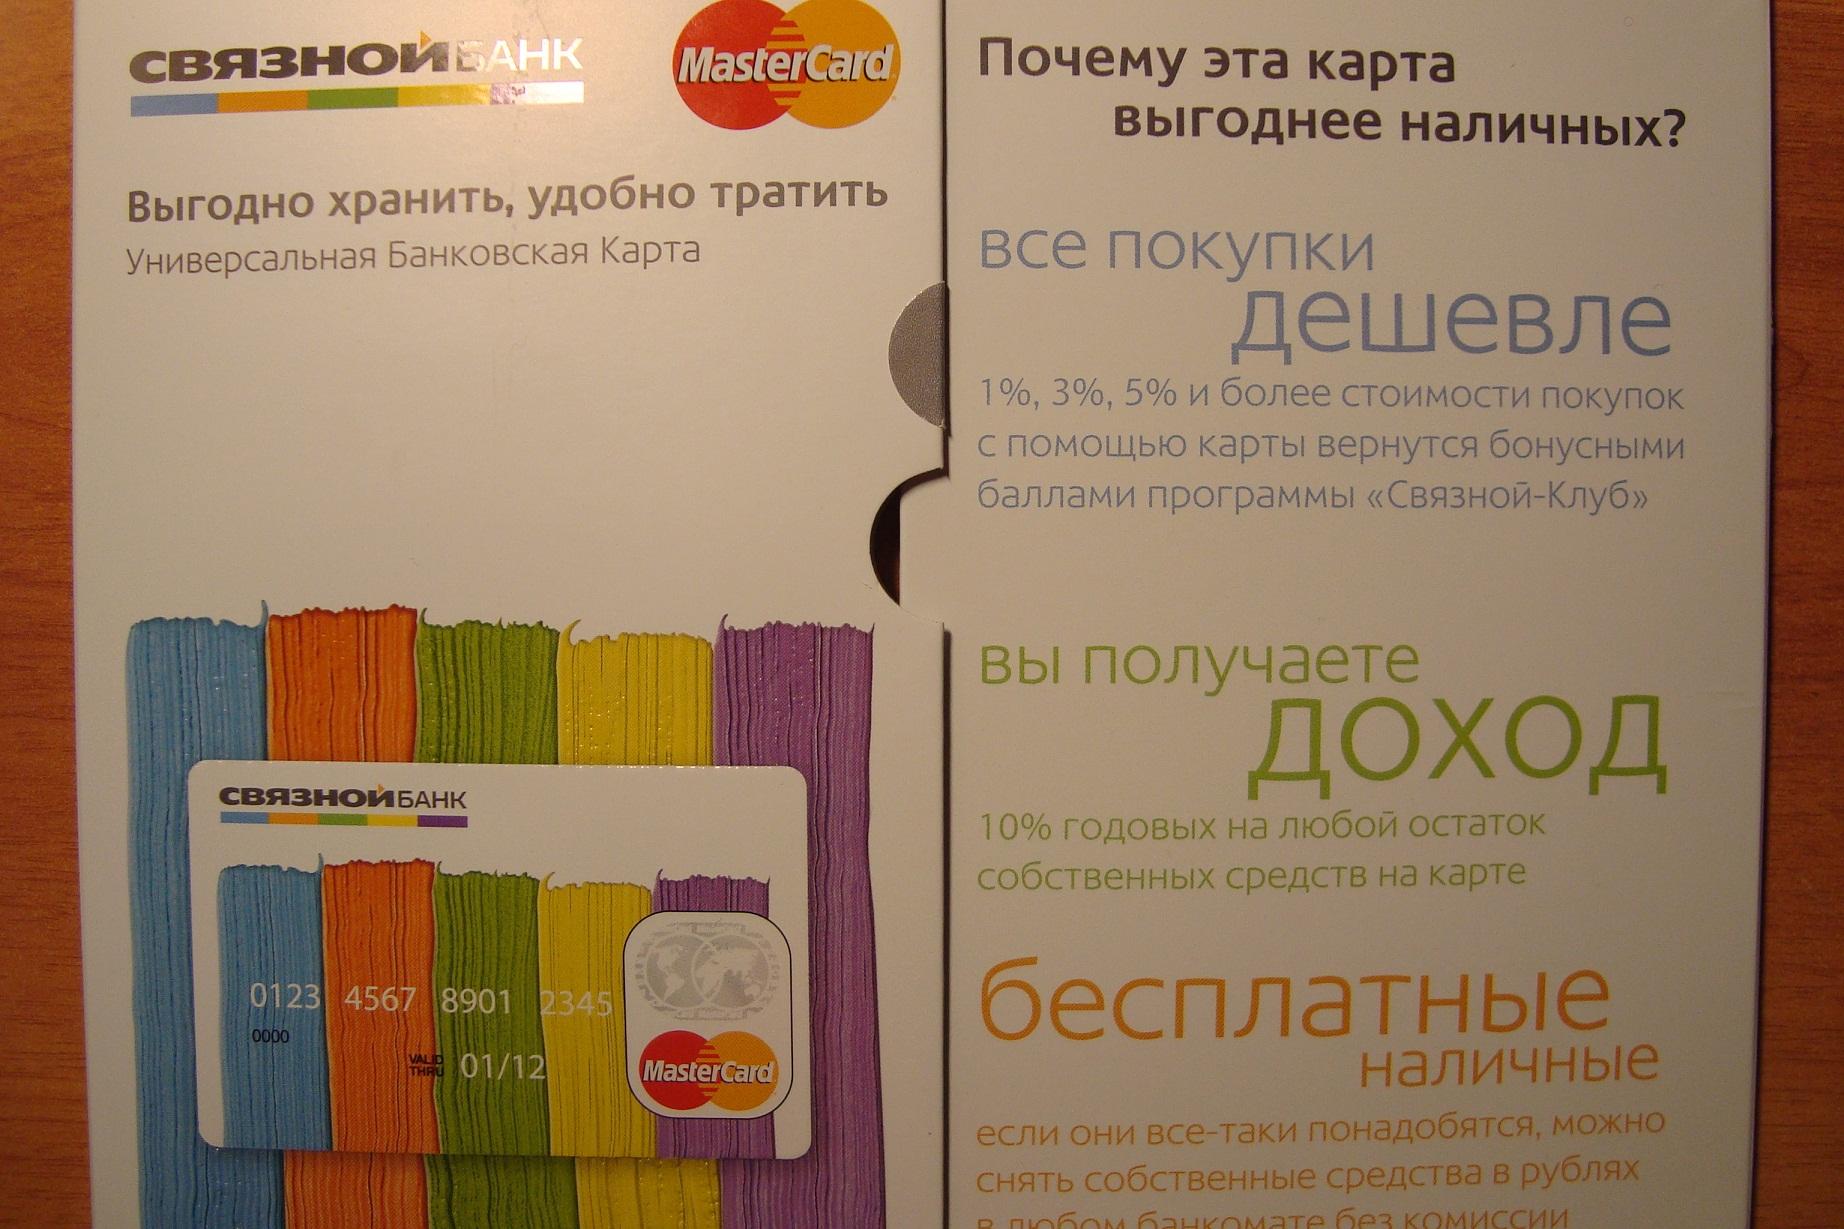 Связной банк — Qbank: личный кабинет: регистрация, вход